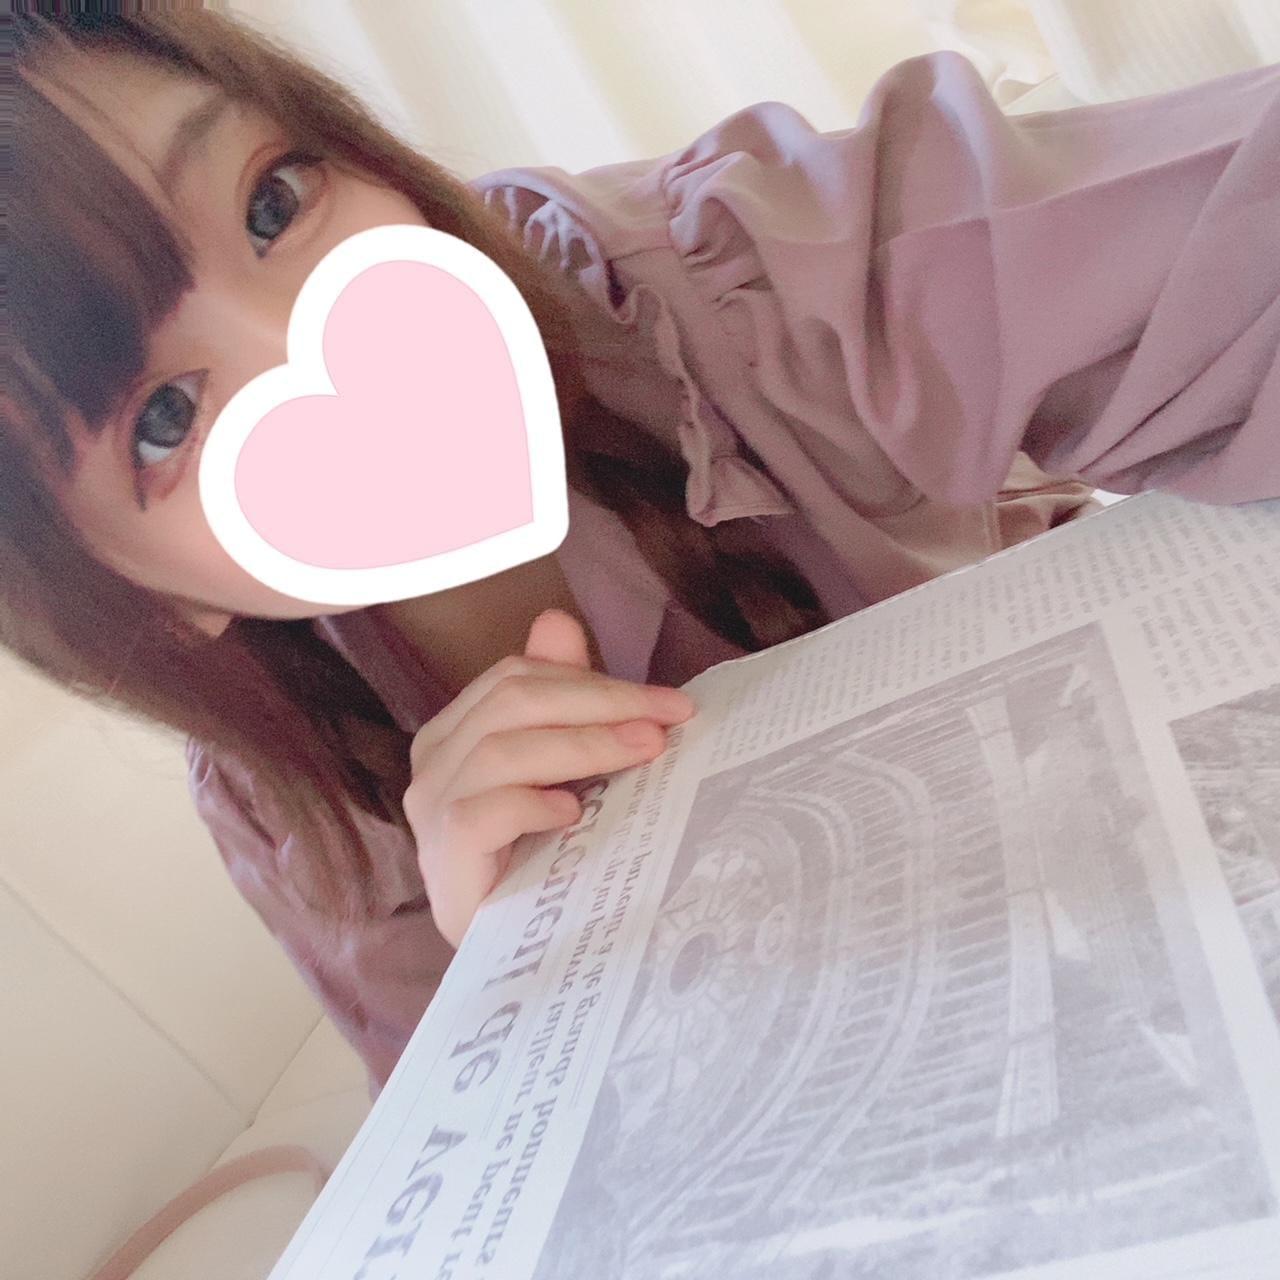 「ねむねむ」03/29(03/29) 19:54 | ゆかの写メ・風俗動画